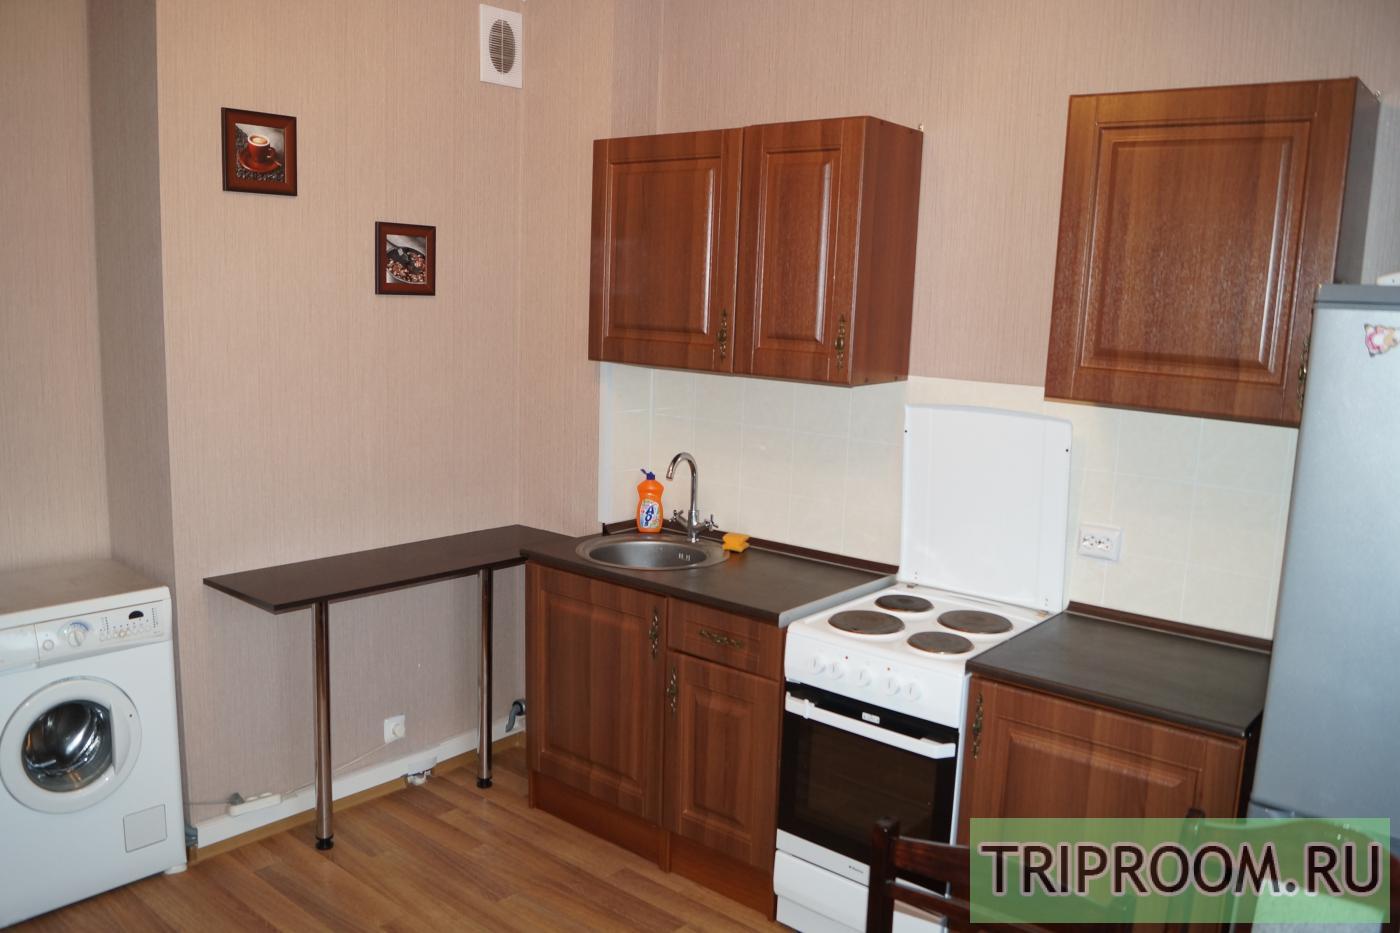 2-комнатная квартира посуточно (вариант № 8512), ул. Урицкого улица, фото № 2